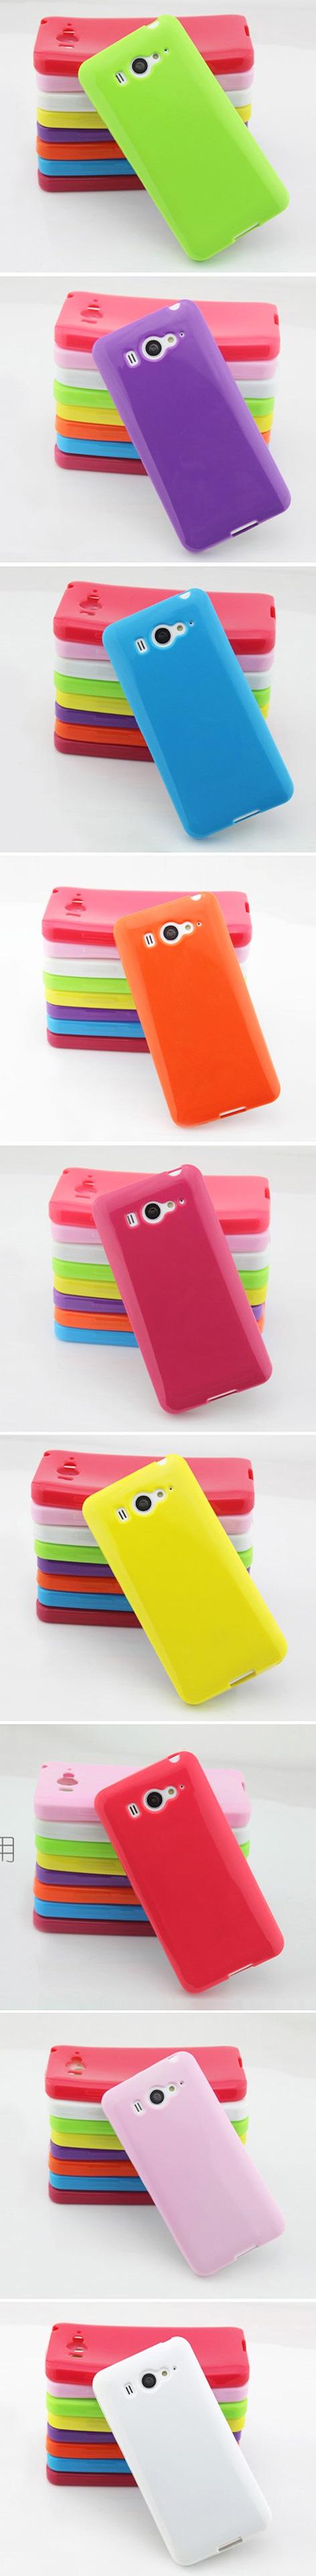 เคสซิลิโคน Xiaomi MI2 และ Xiaomi MI2S XM2S-S004 - Omega Case 3